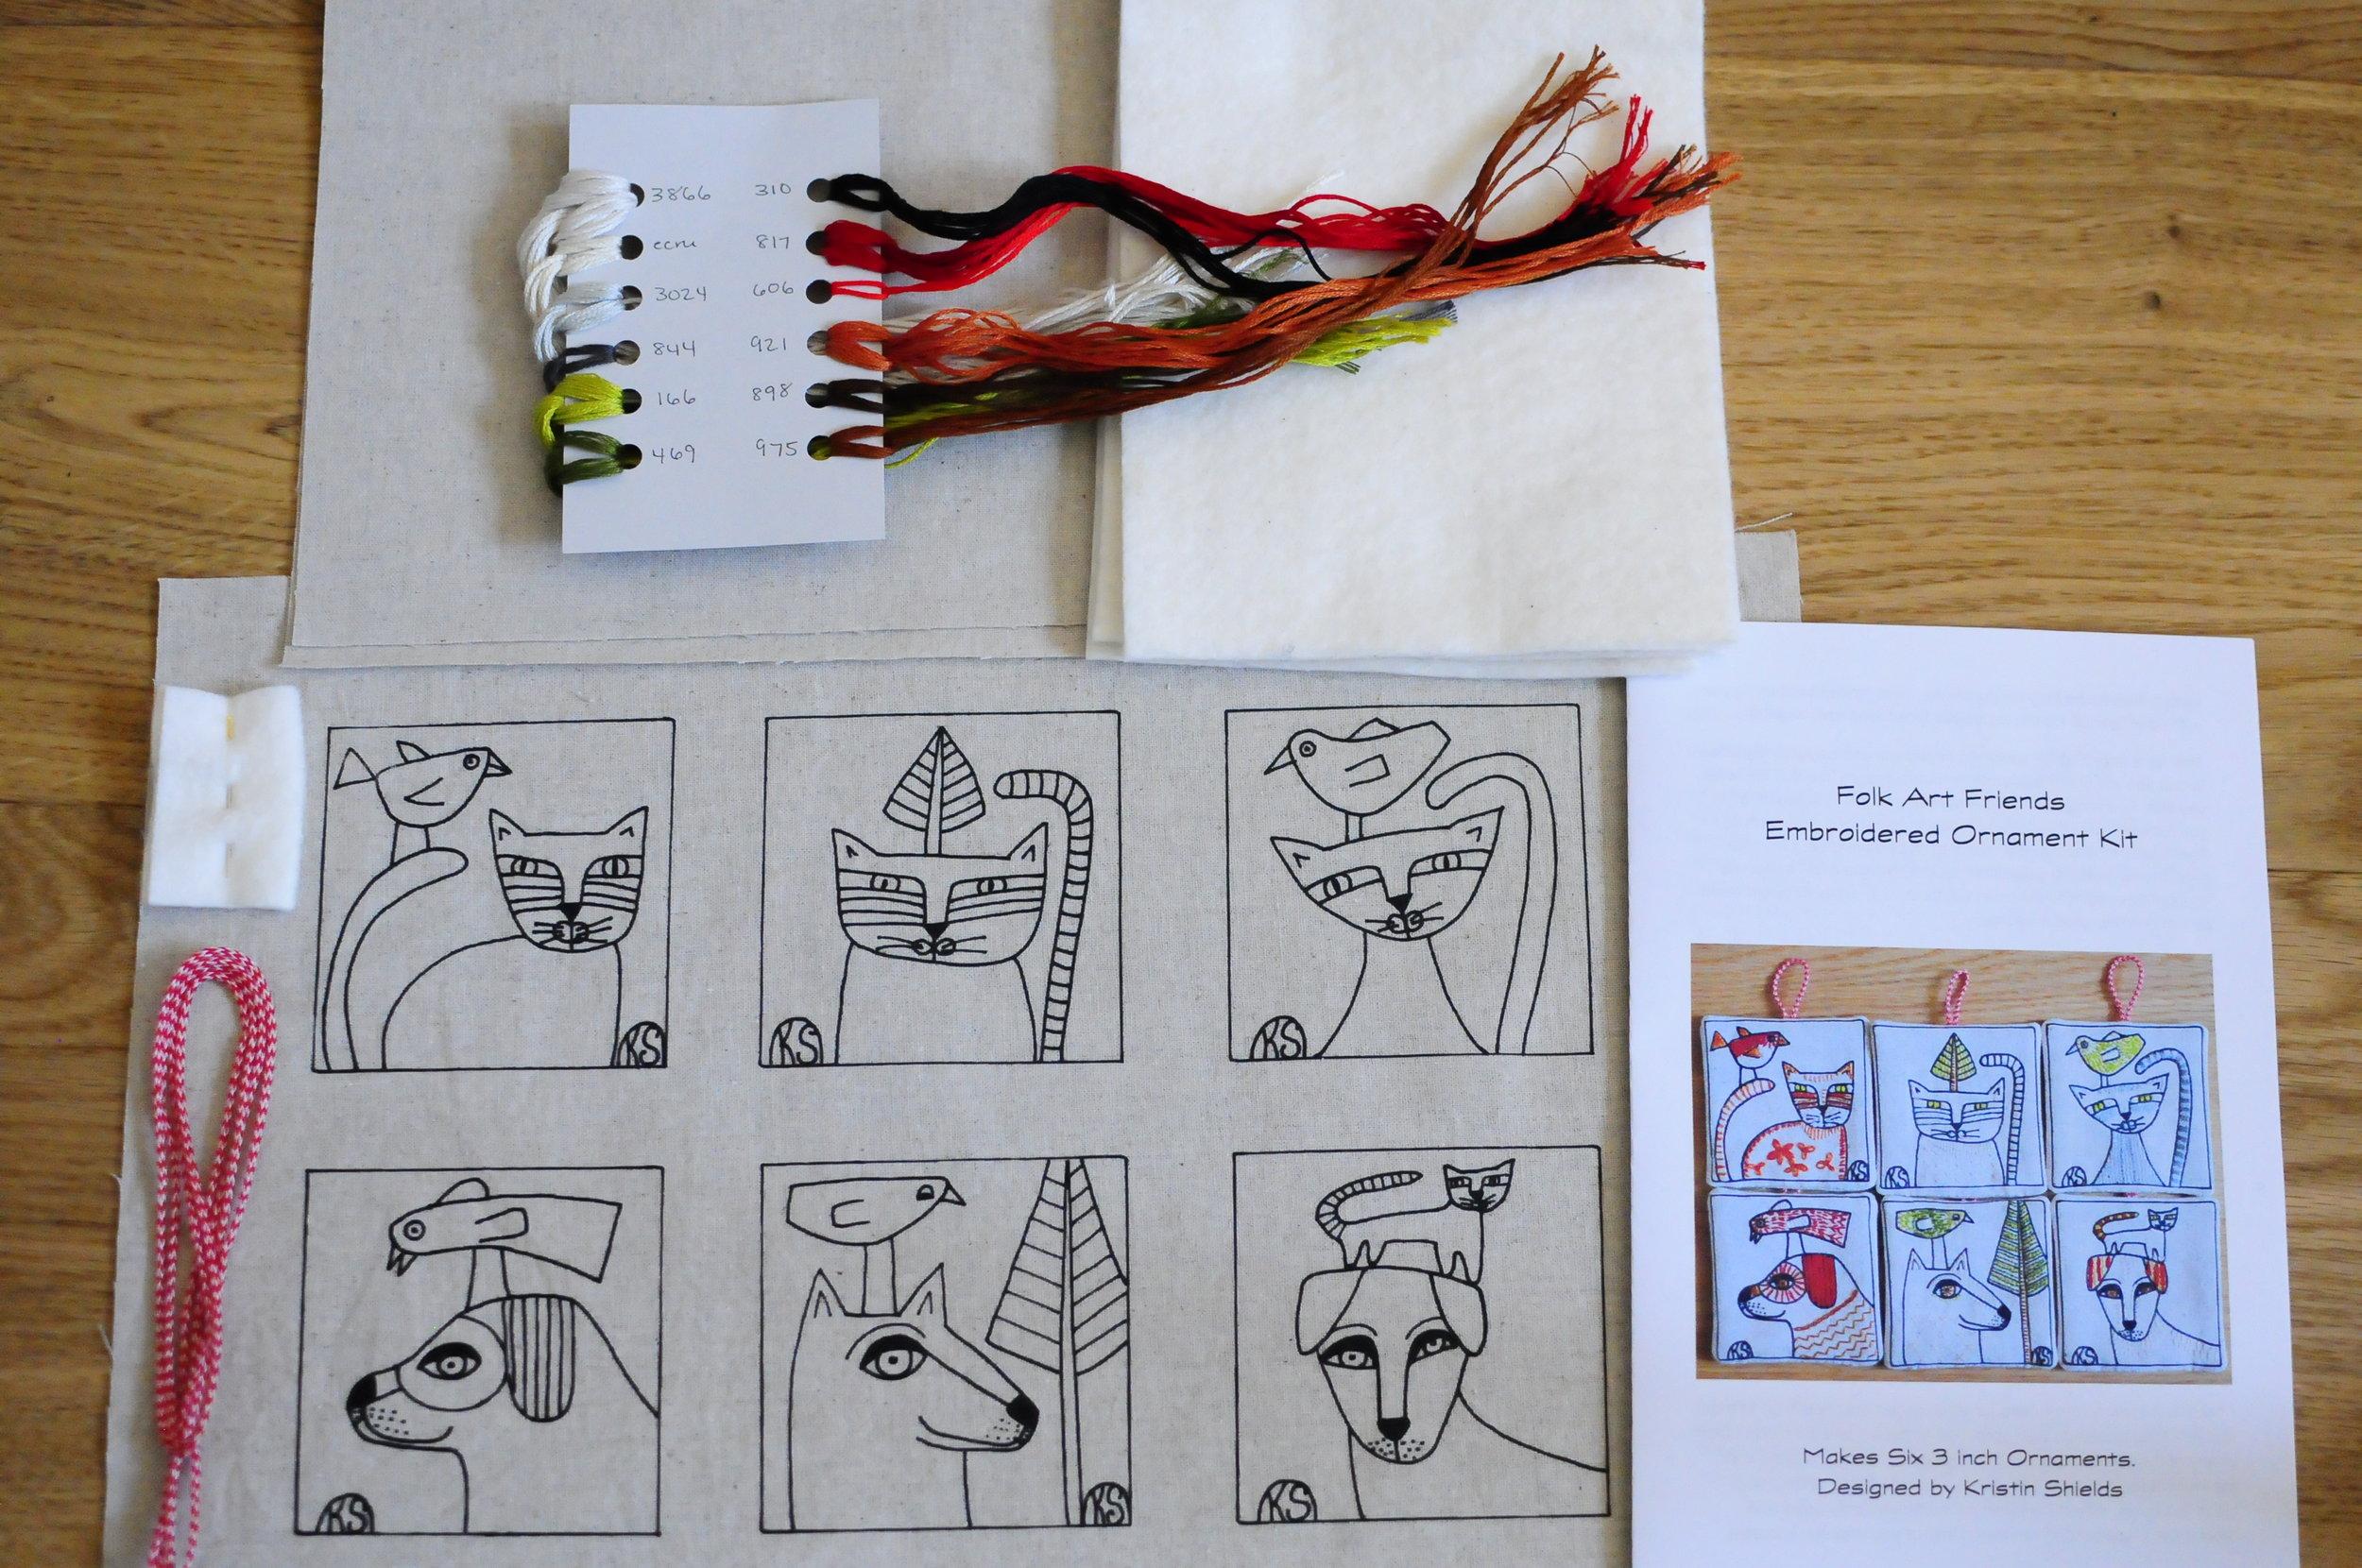 Kit Photos (1).JPG